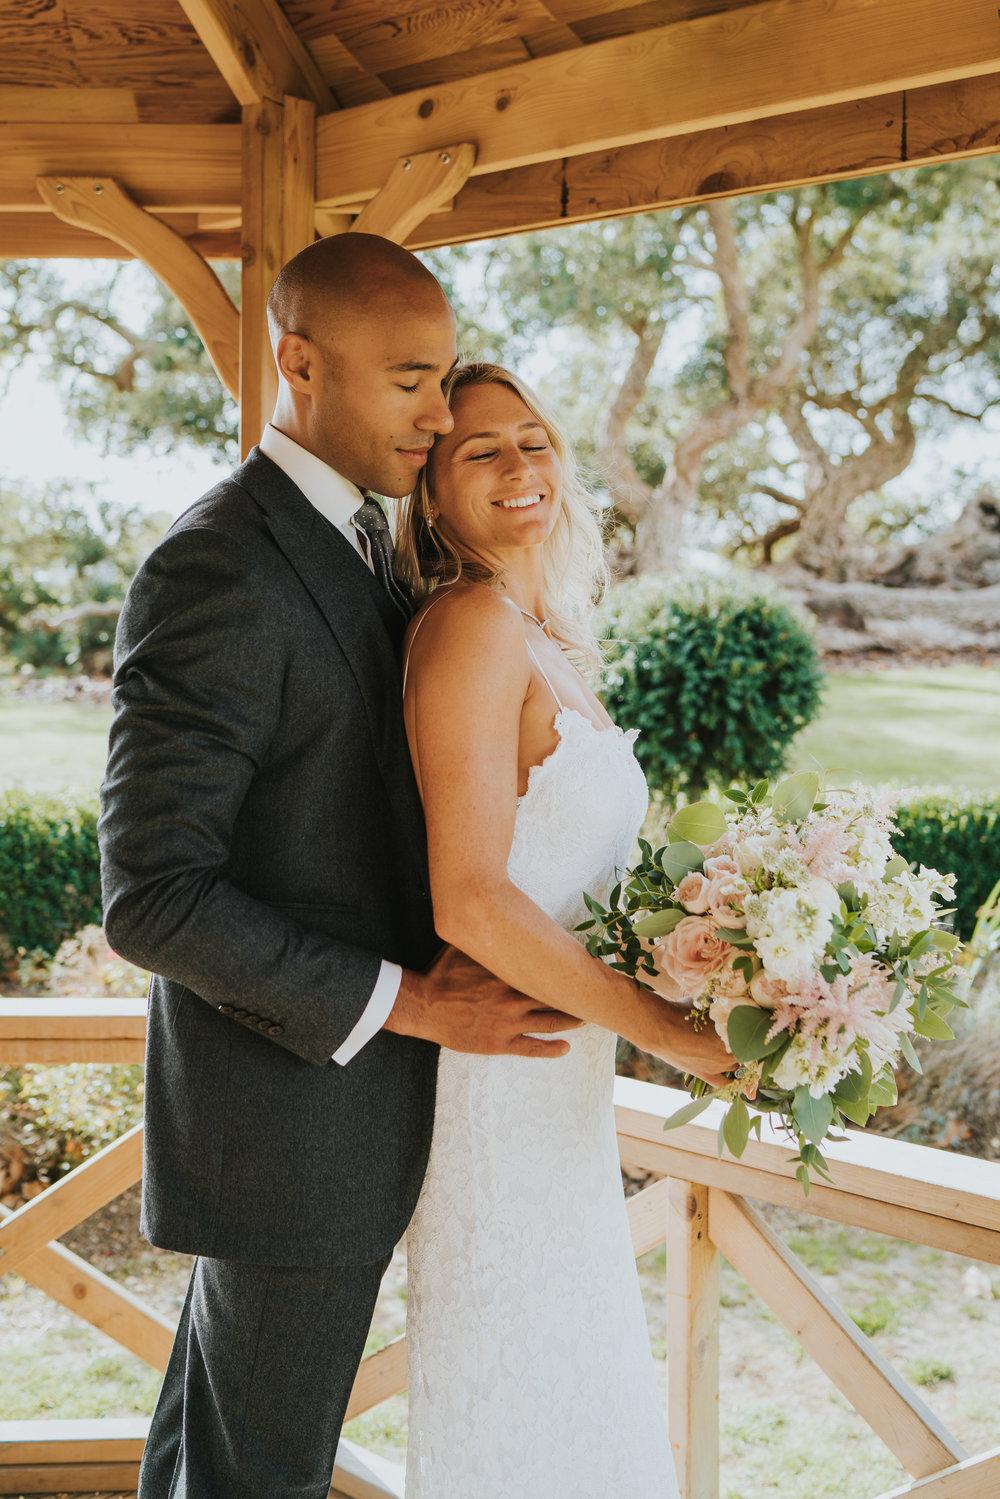 intimate-english-church-wedding-sarah-alex-colchester-essex-grace-elizabeth-colchester-essex-alternative-wedding-lifestyle-photographer-essex-suffolk-norfolk-devon (17 of 92).jpg